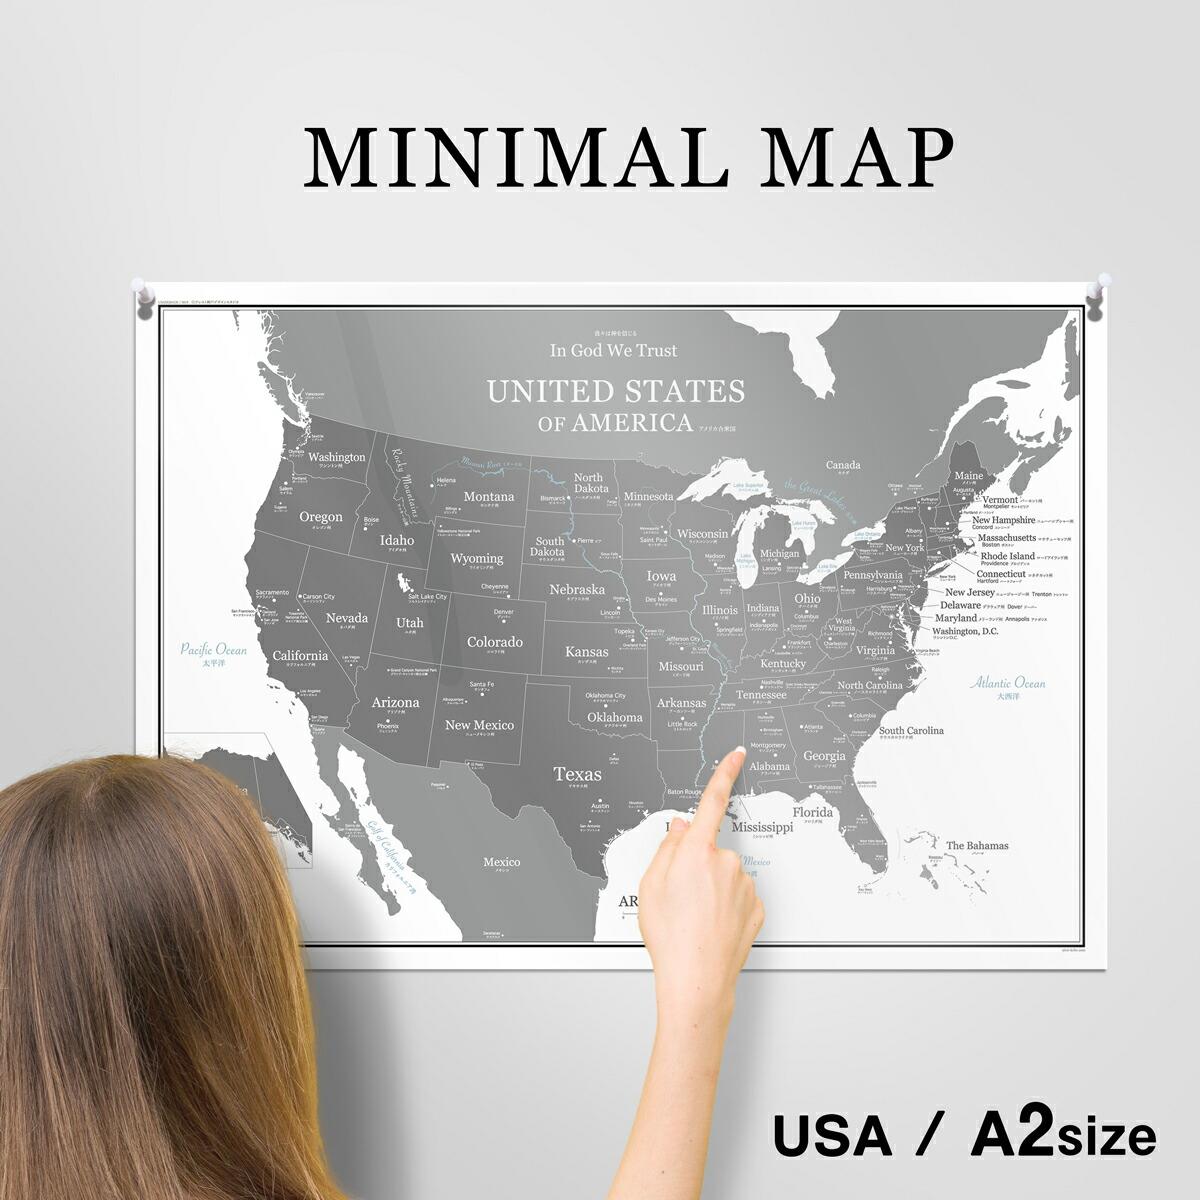 日本語と英語が並記 シンプルなアメリカ合衆国の地図。 【0のつく日】アメリカ合衆国 地図 A2 モノクロ ポスター インテリア おしゃれ 国名 州 大判 ミニマルマップ Zoom背景 テレワーク オンライン cpy